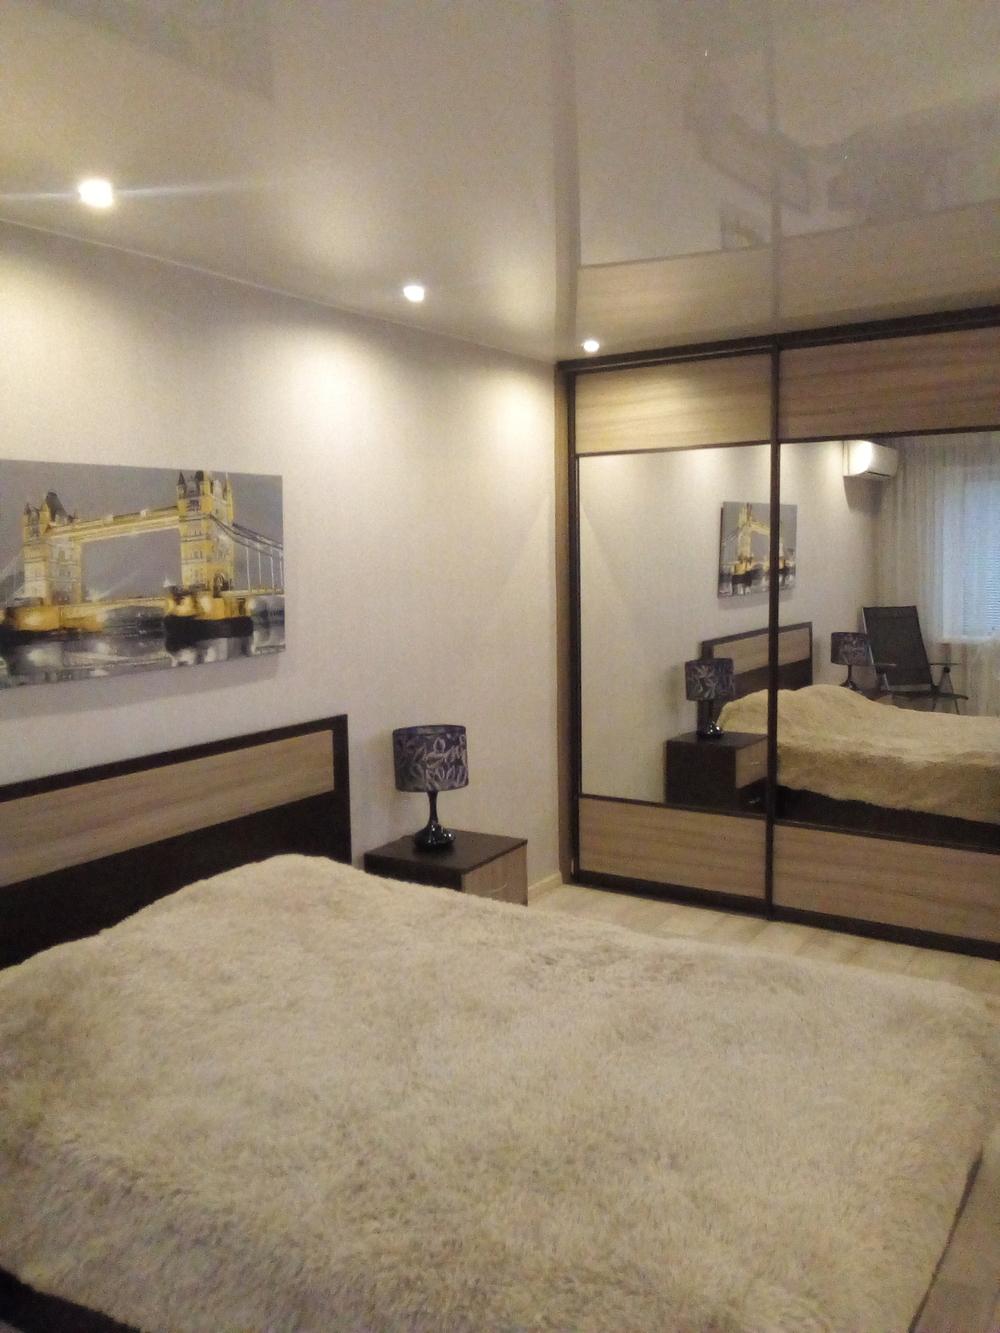 Продам 1-комнатную квартиру в городе Саратов, на улице Белоглинская, 8, 2-этаж 6-этажного Кирпич дома, площадь: 32/24/10 м2